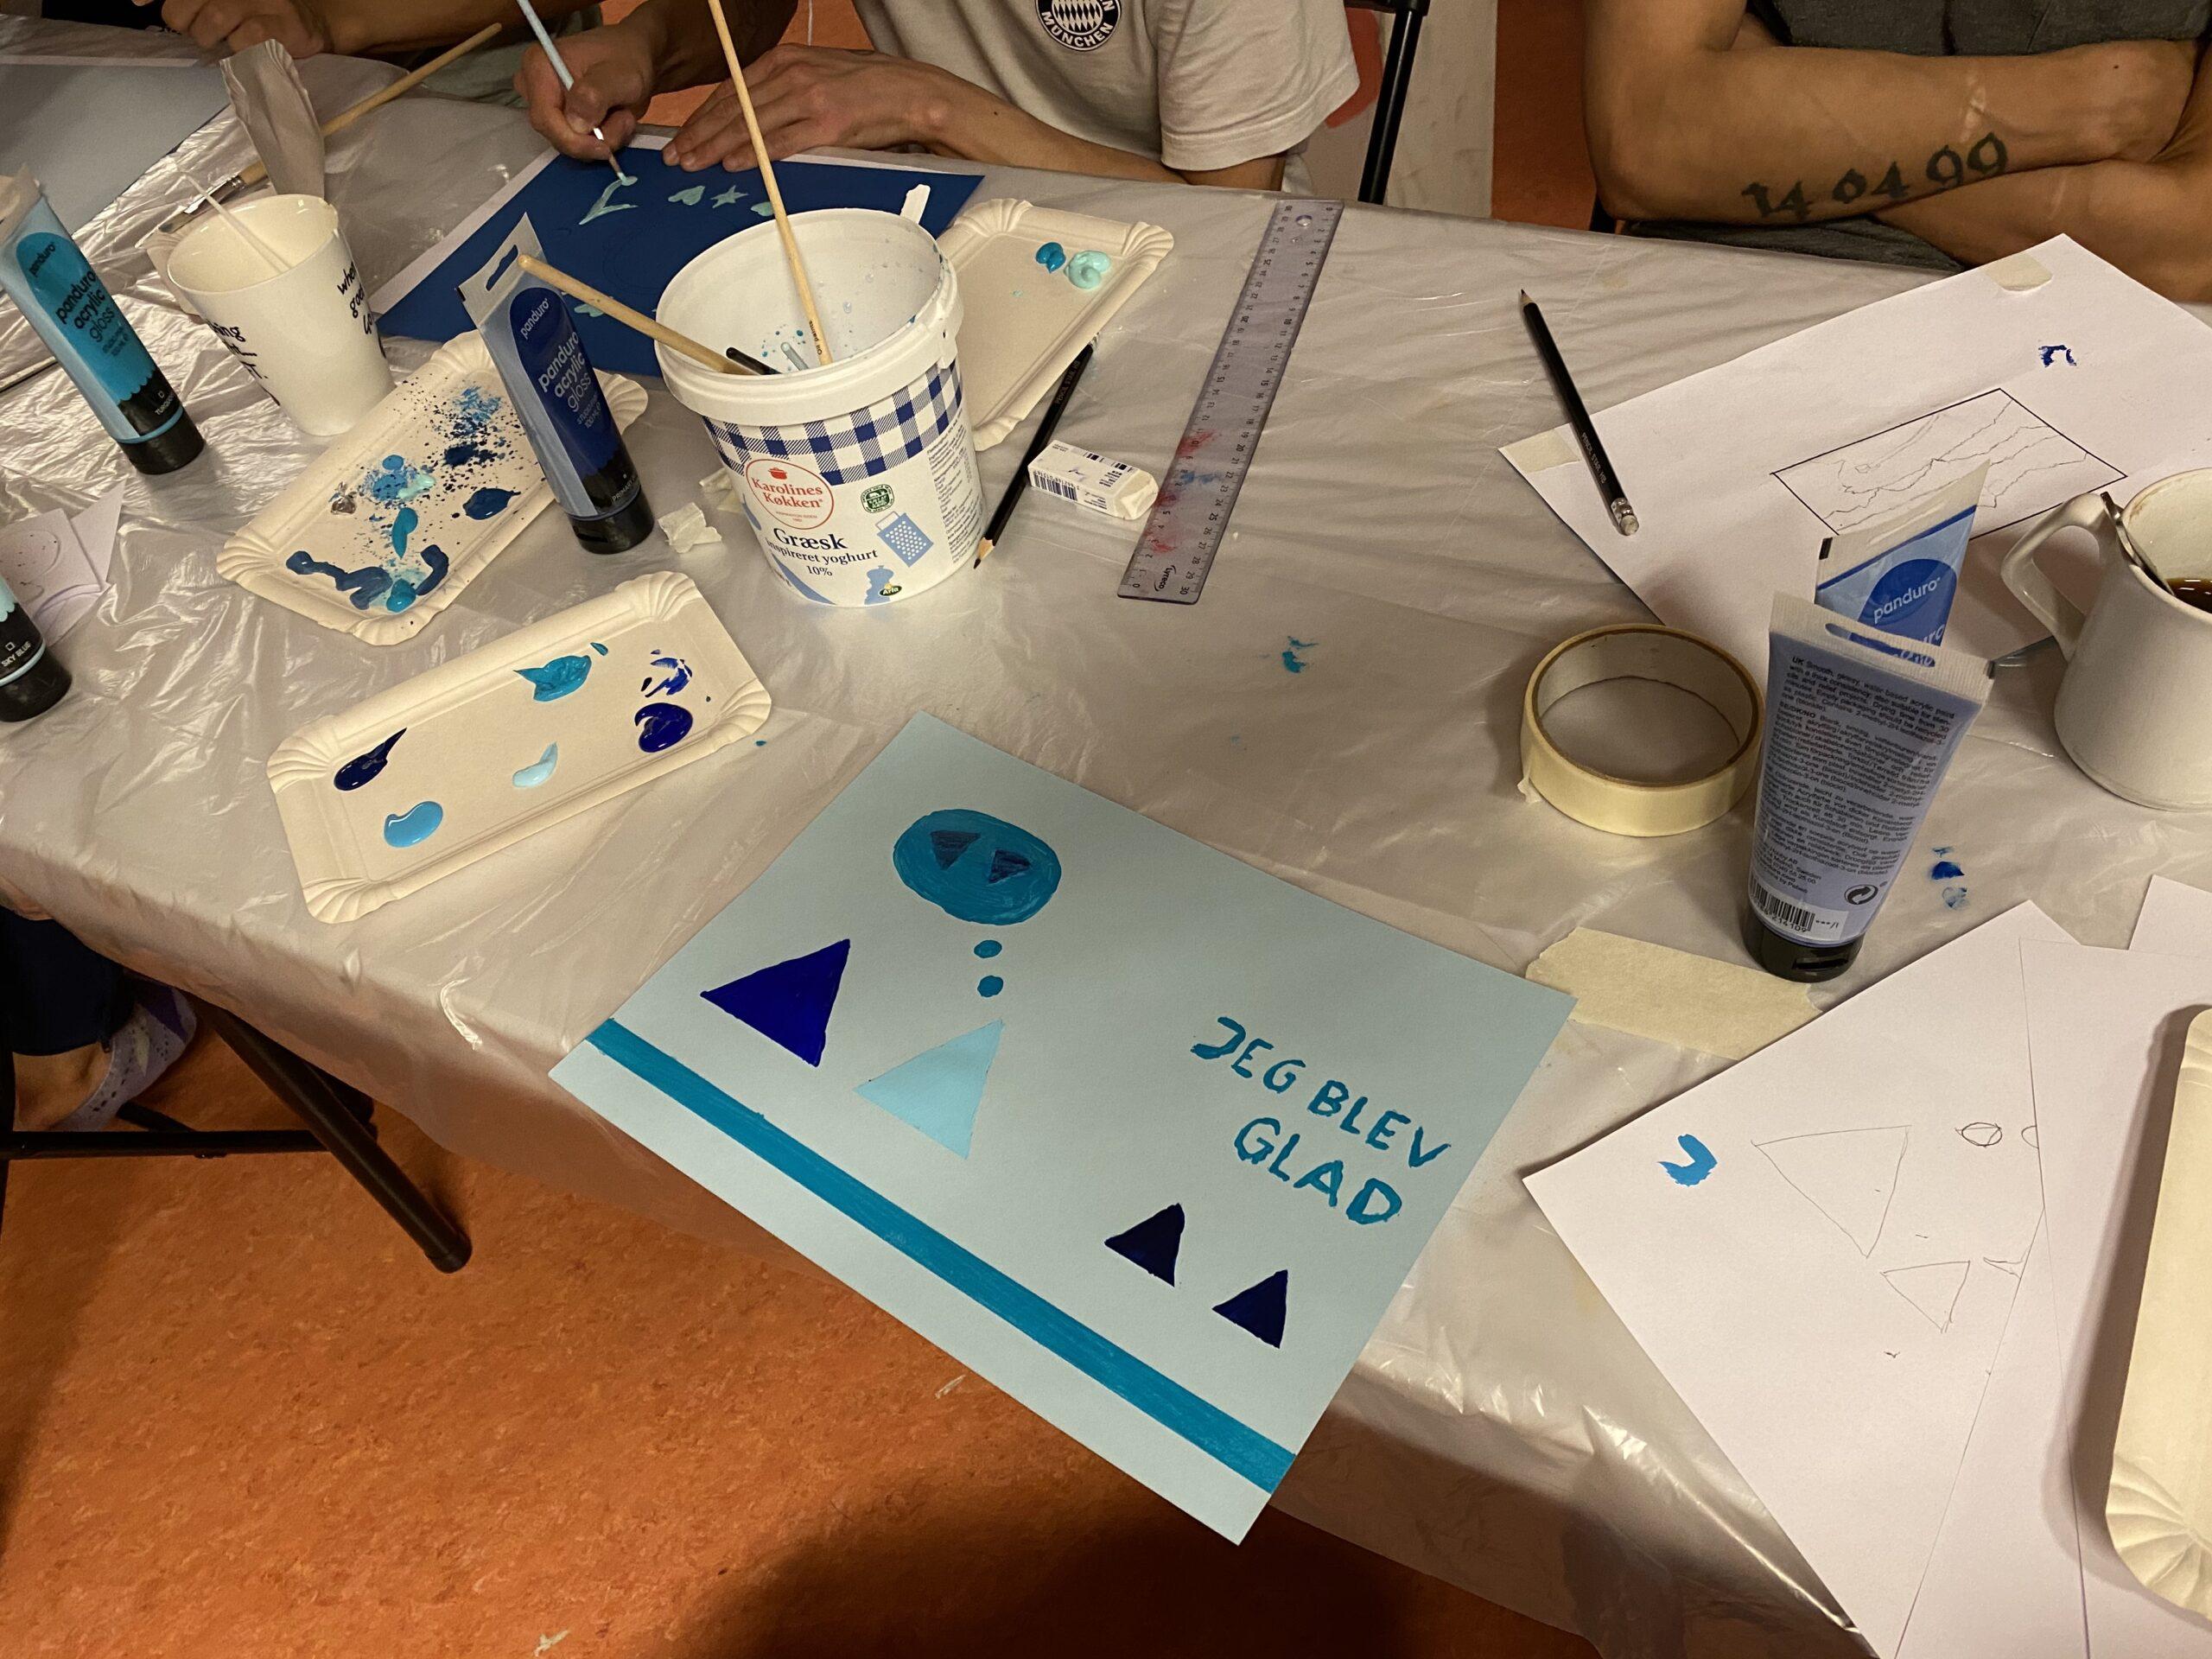 """Billede fra drømmeworkshop i Tasiilaq 2020: En af de unge har malet et billede med teksten """"Jeg blev glad"""""""